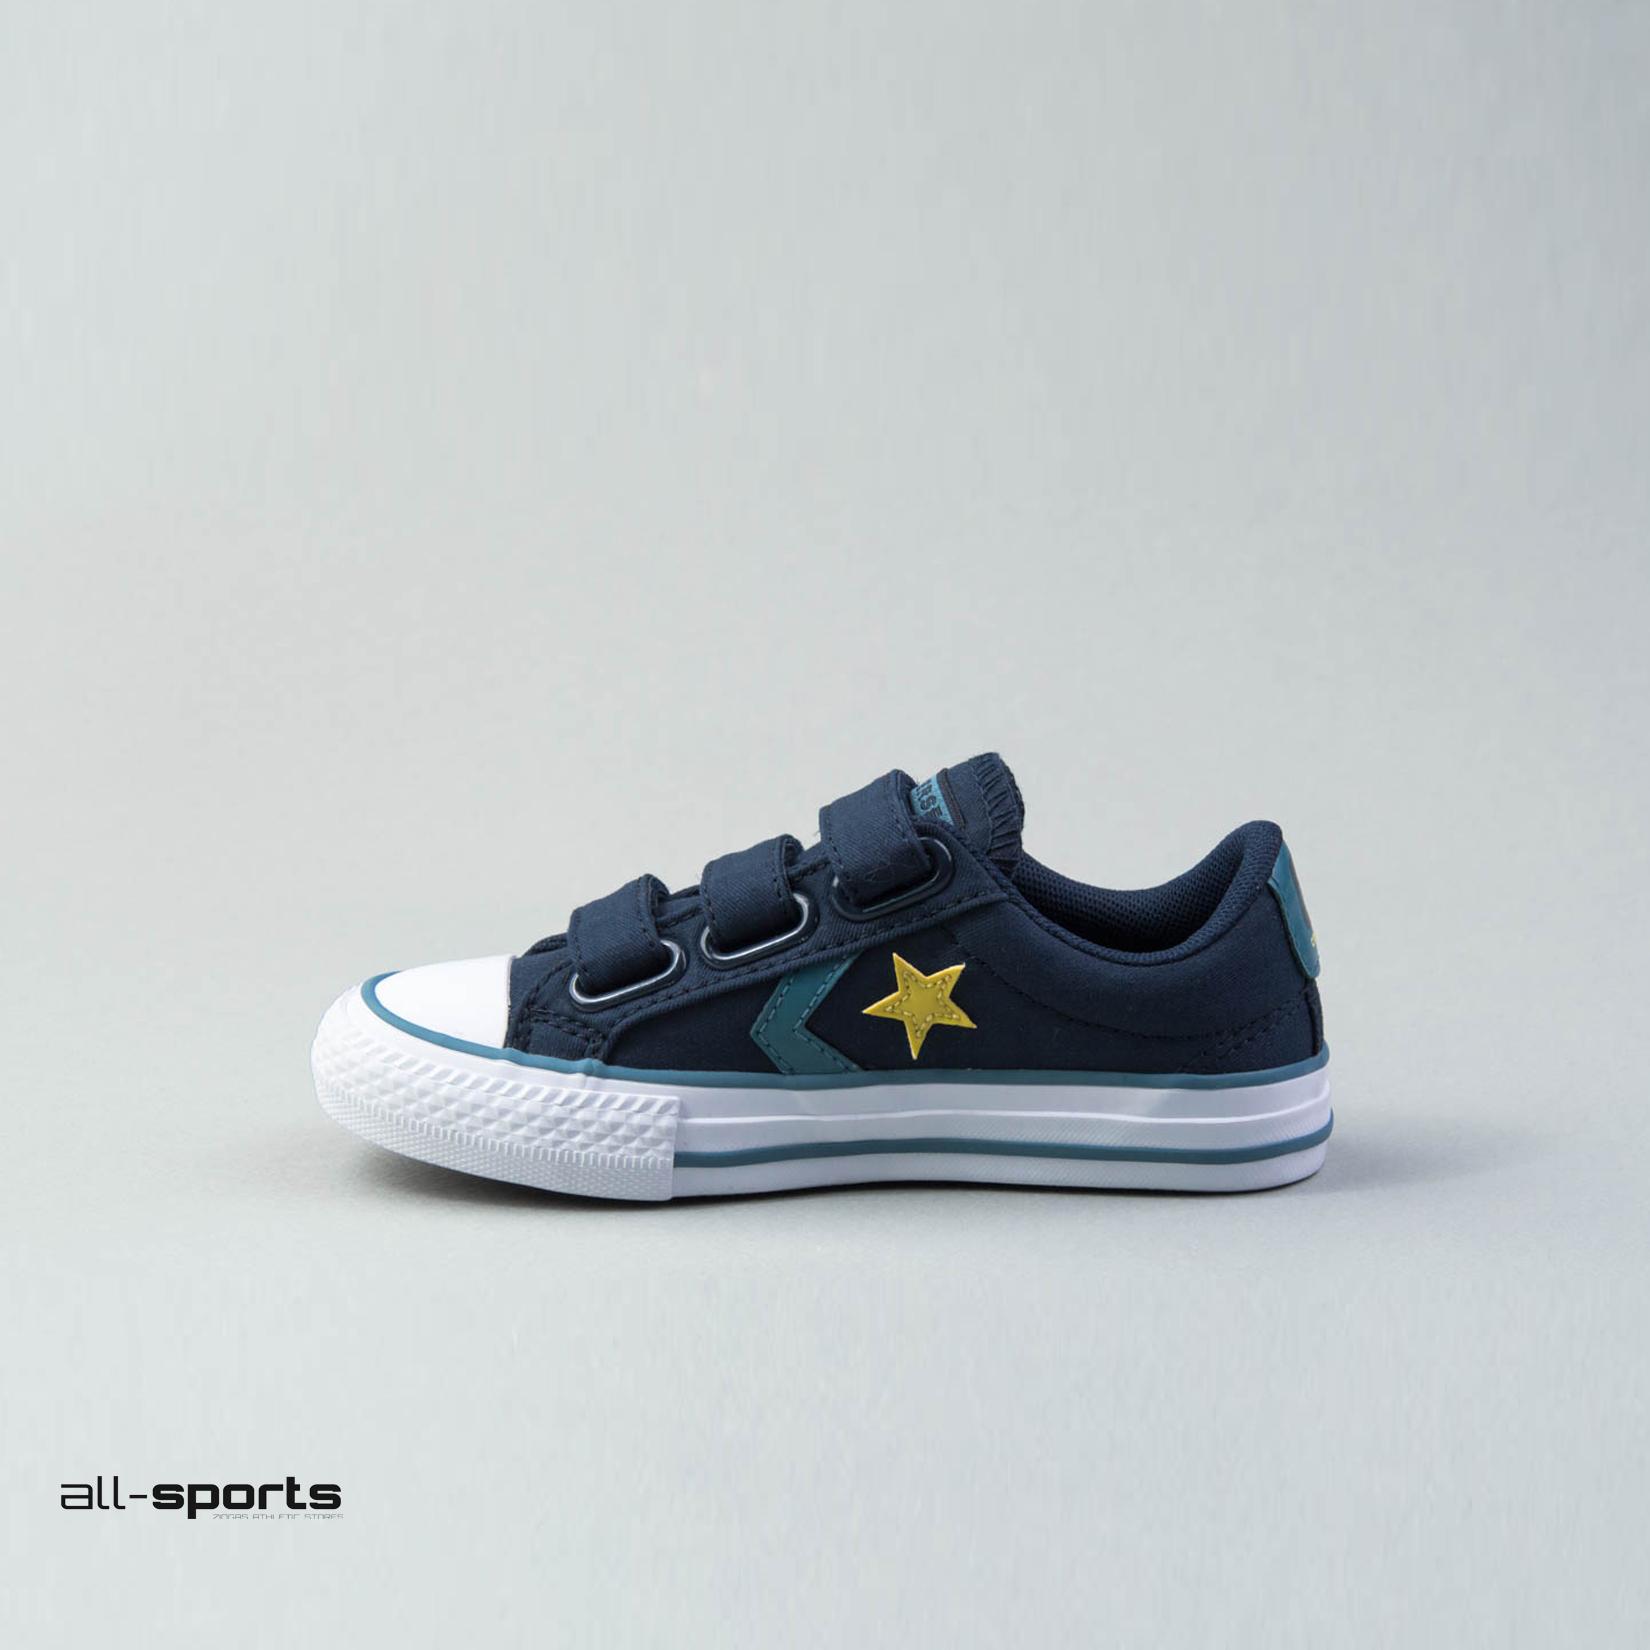 Παιδικό Παπούτσι Sneaker Converse One Star 3V OX Μπλε  All